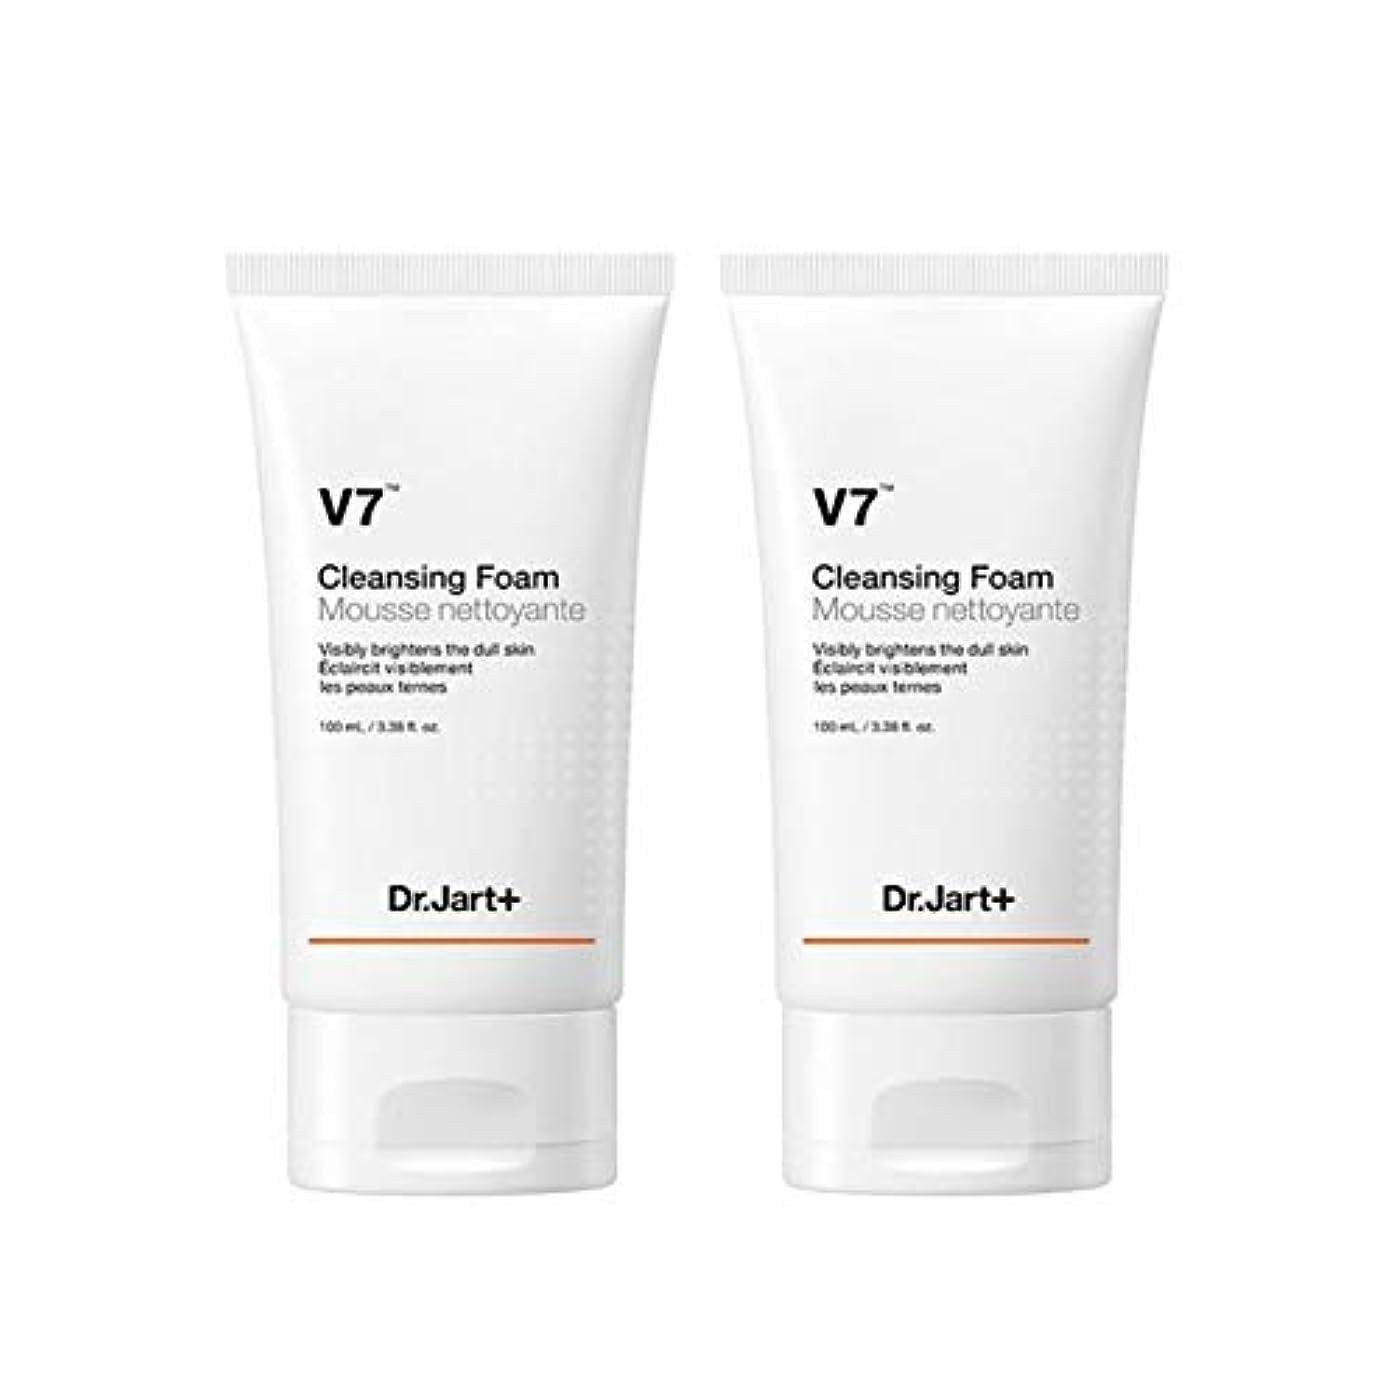 アクロバット仕える共和国ドクタージャルトゥV7クレンジングフォーム100mlx2本セット韓国コスメ、Dr.Jart V7 Cleansing Foam 100ml x 2ea Set Korean Cosmetics [並行輸入品]